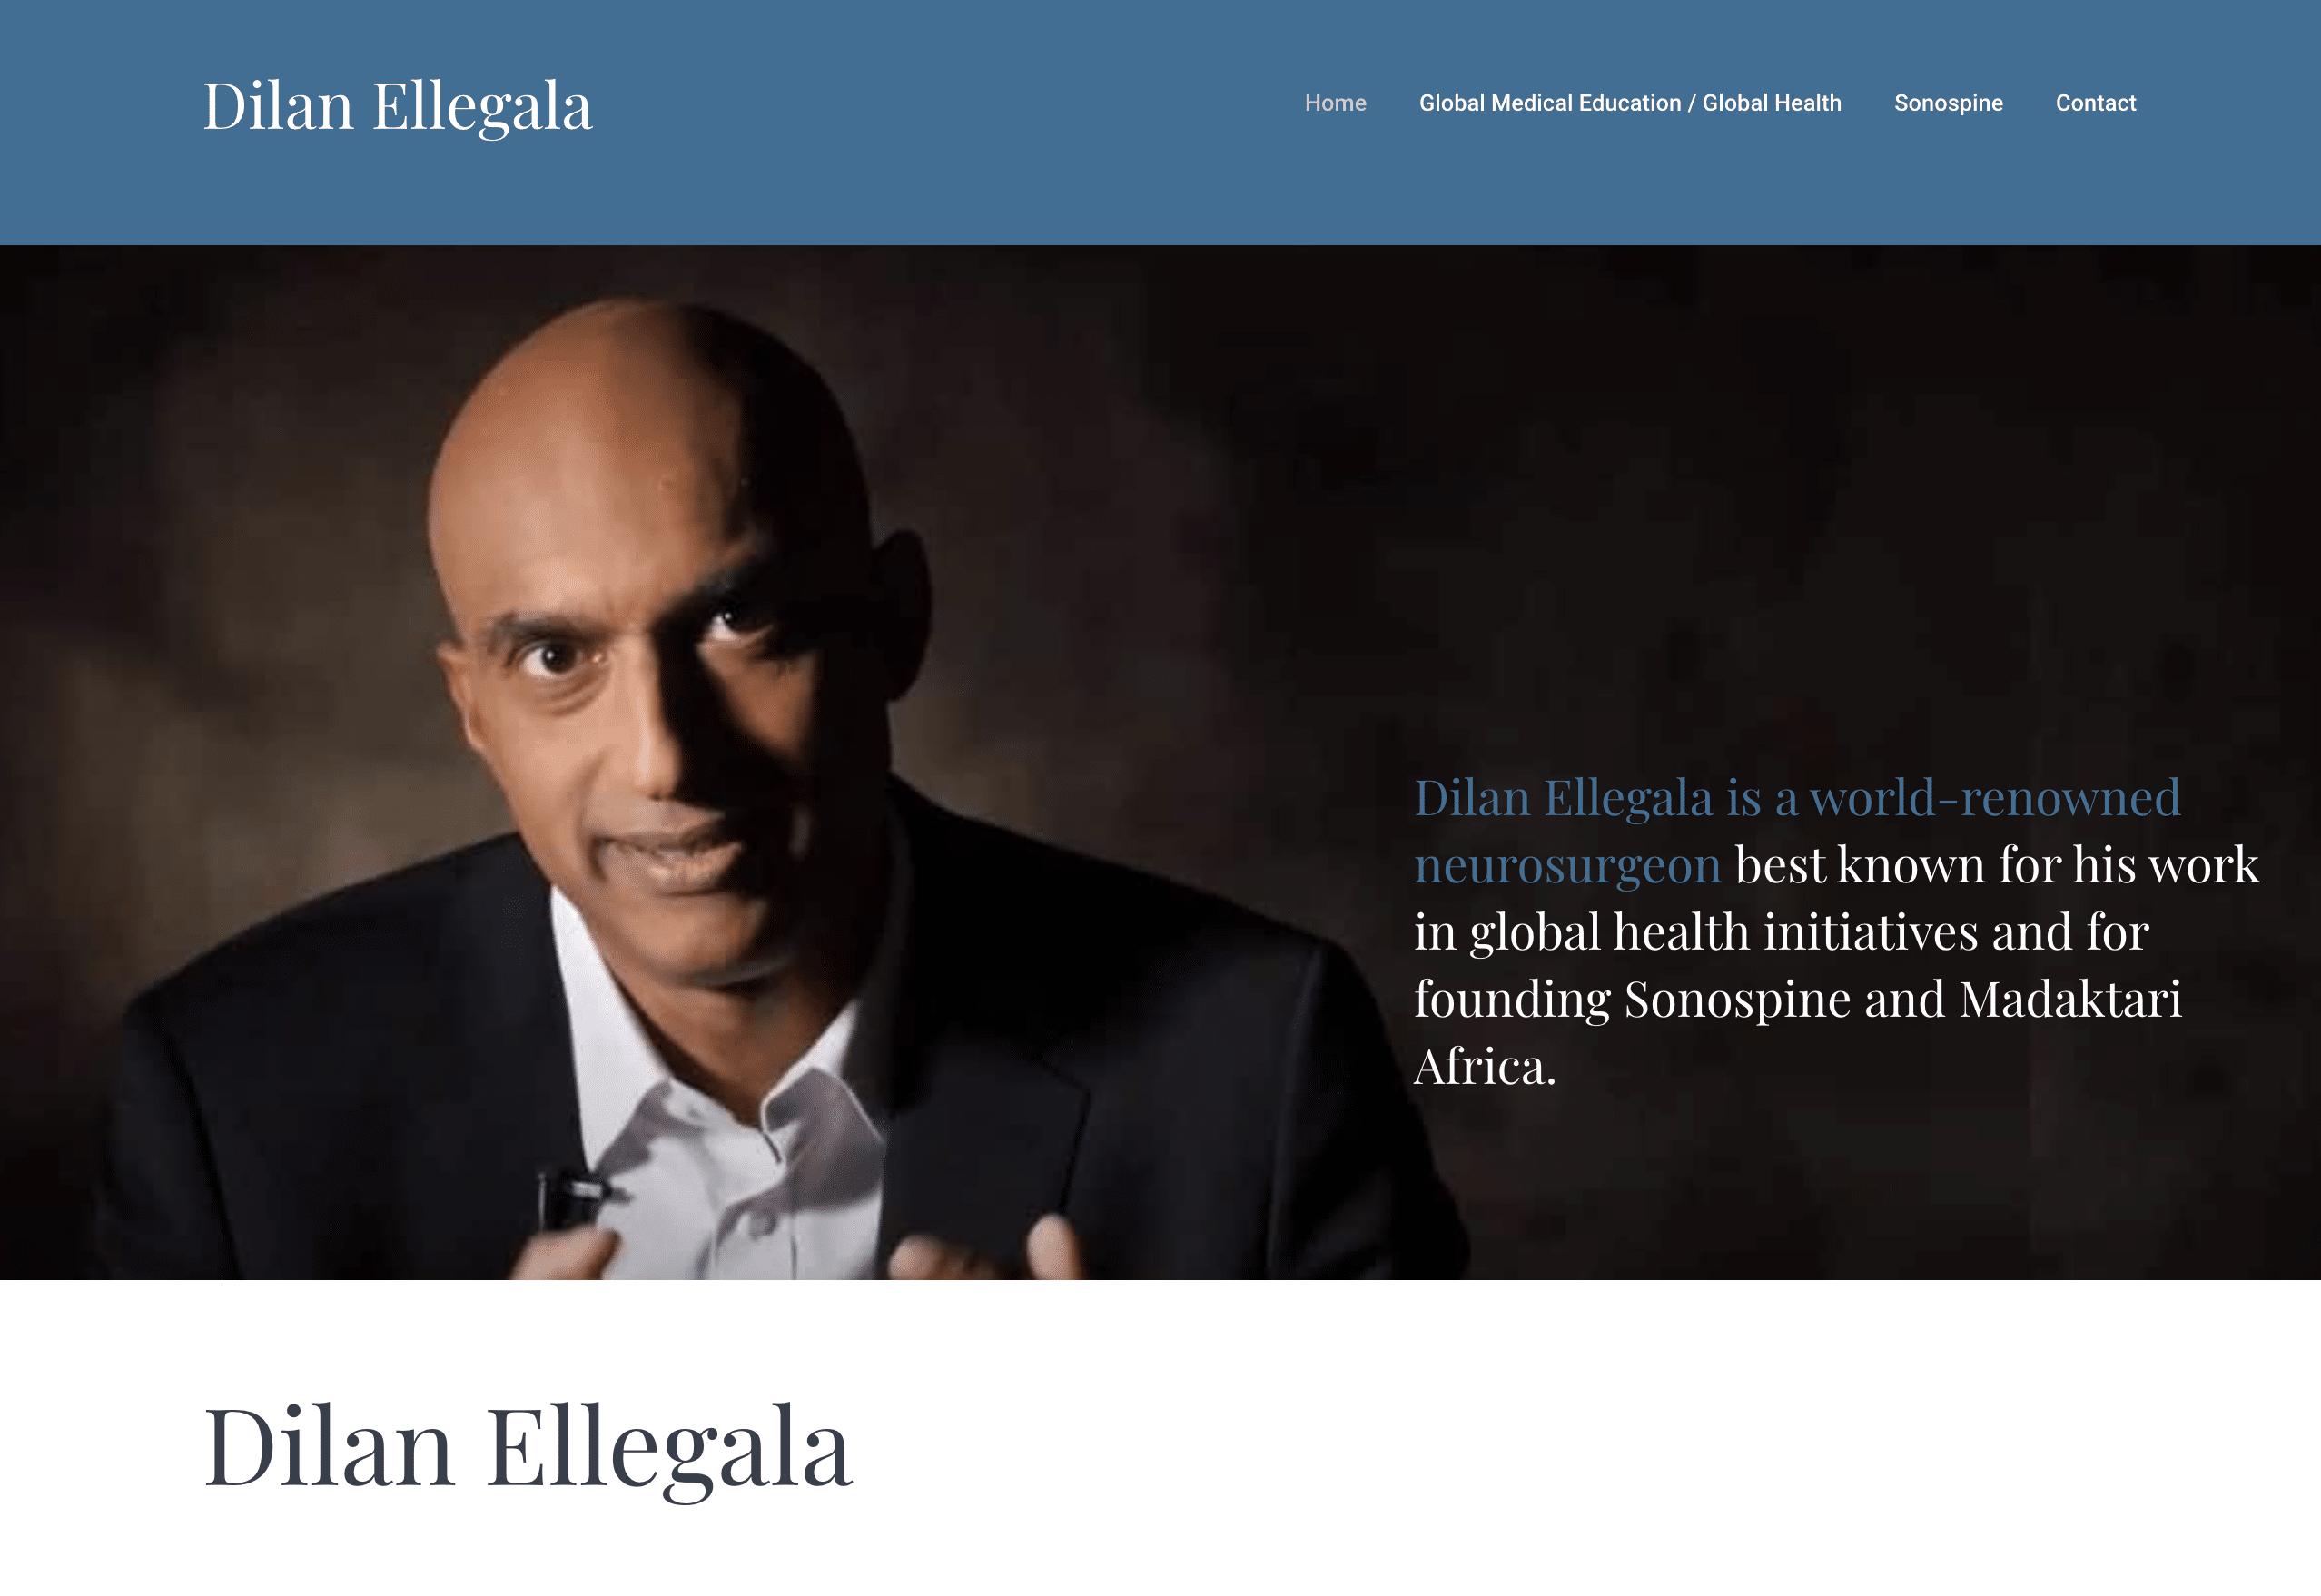 Dilan-Ellegala Homepage